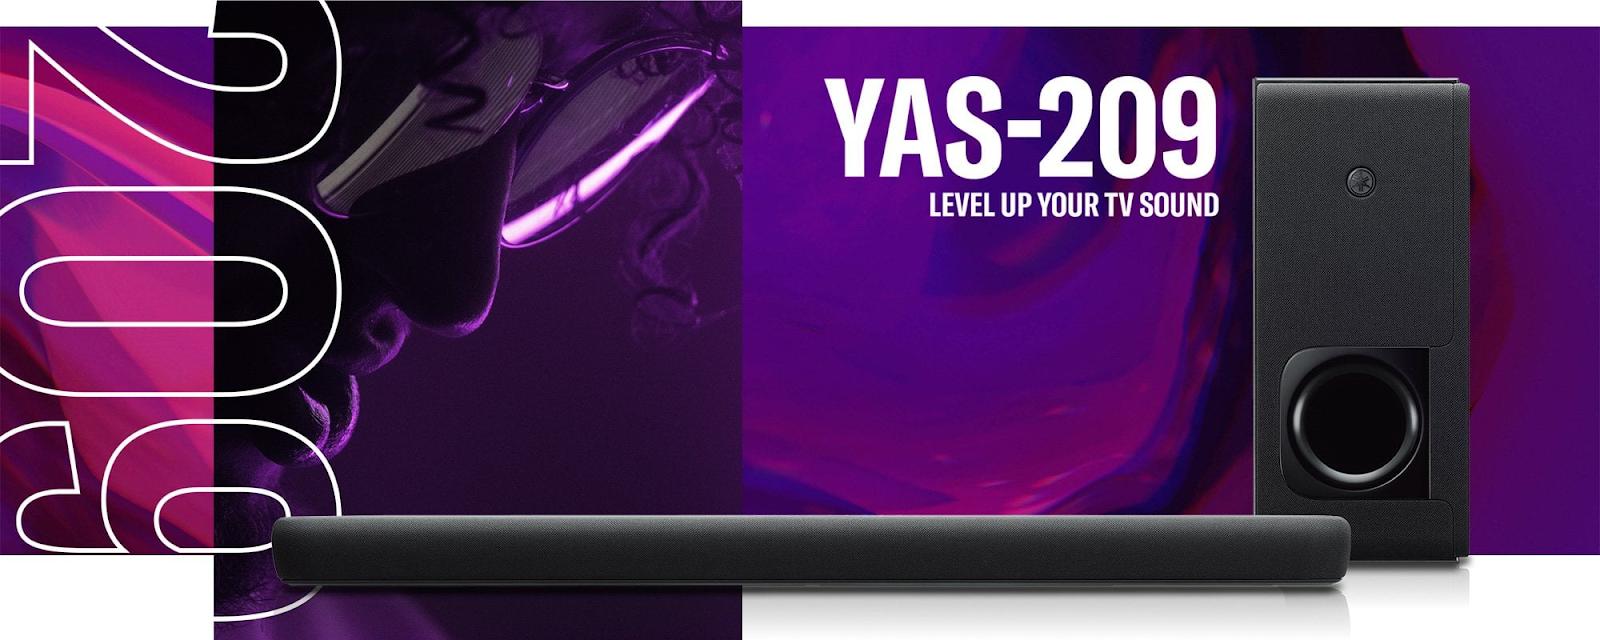 yas 209